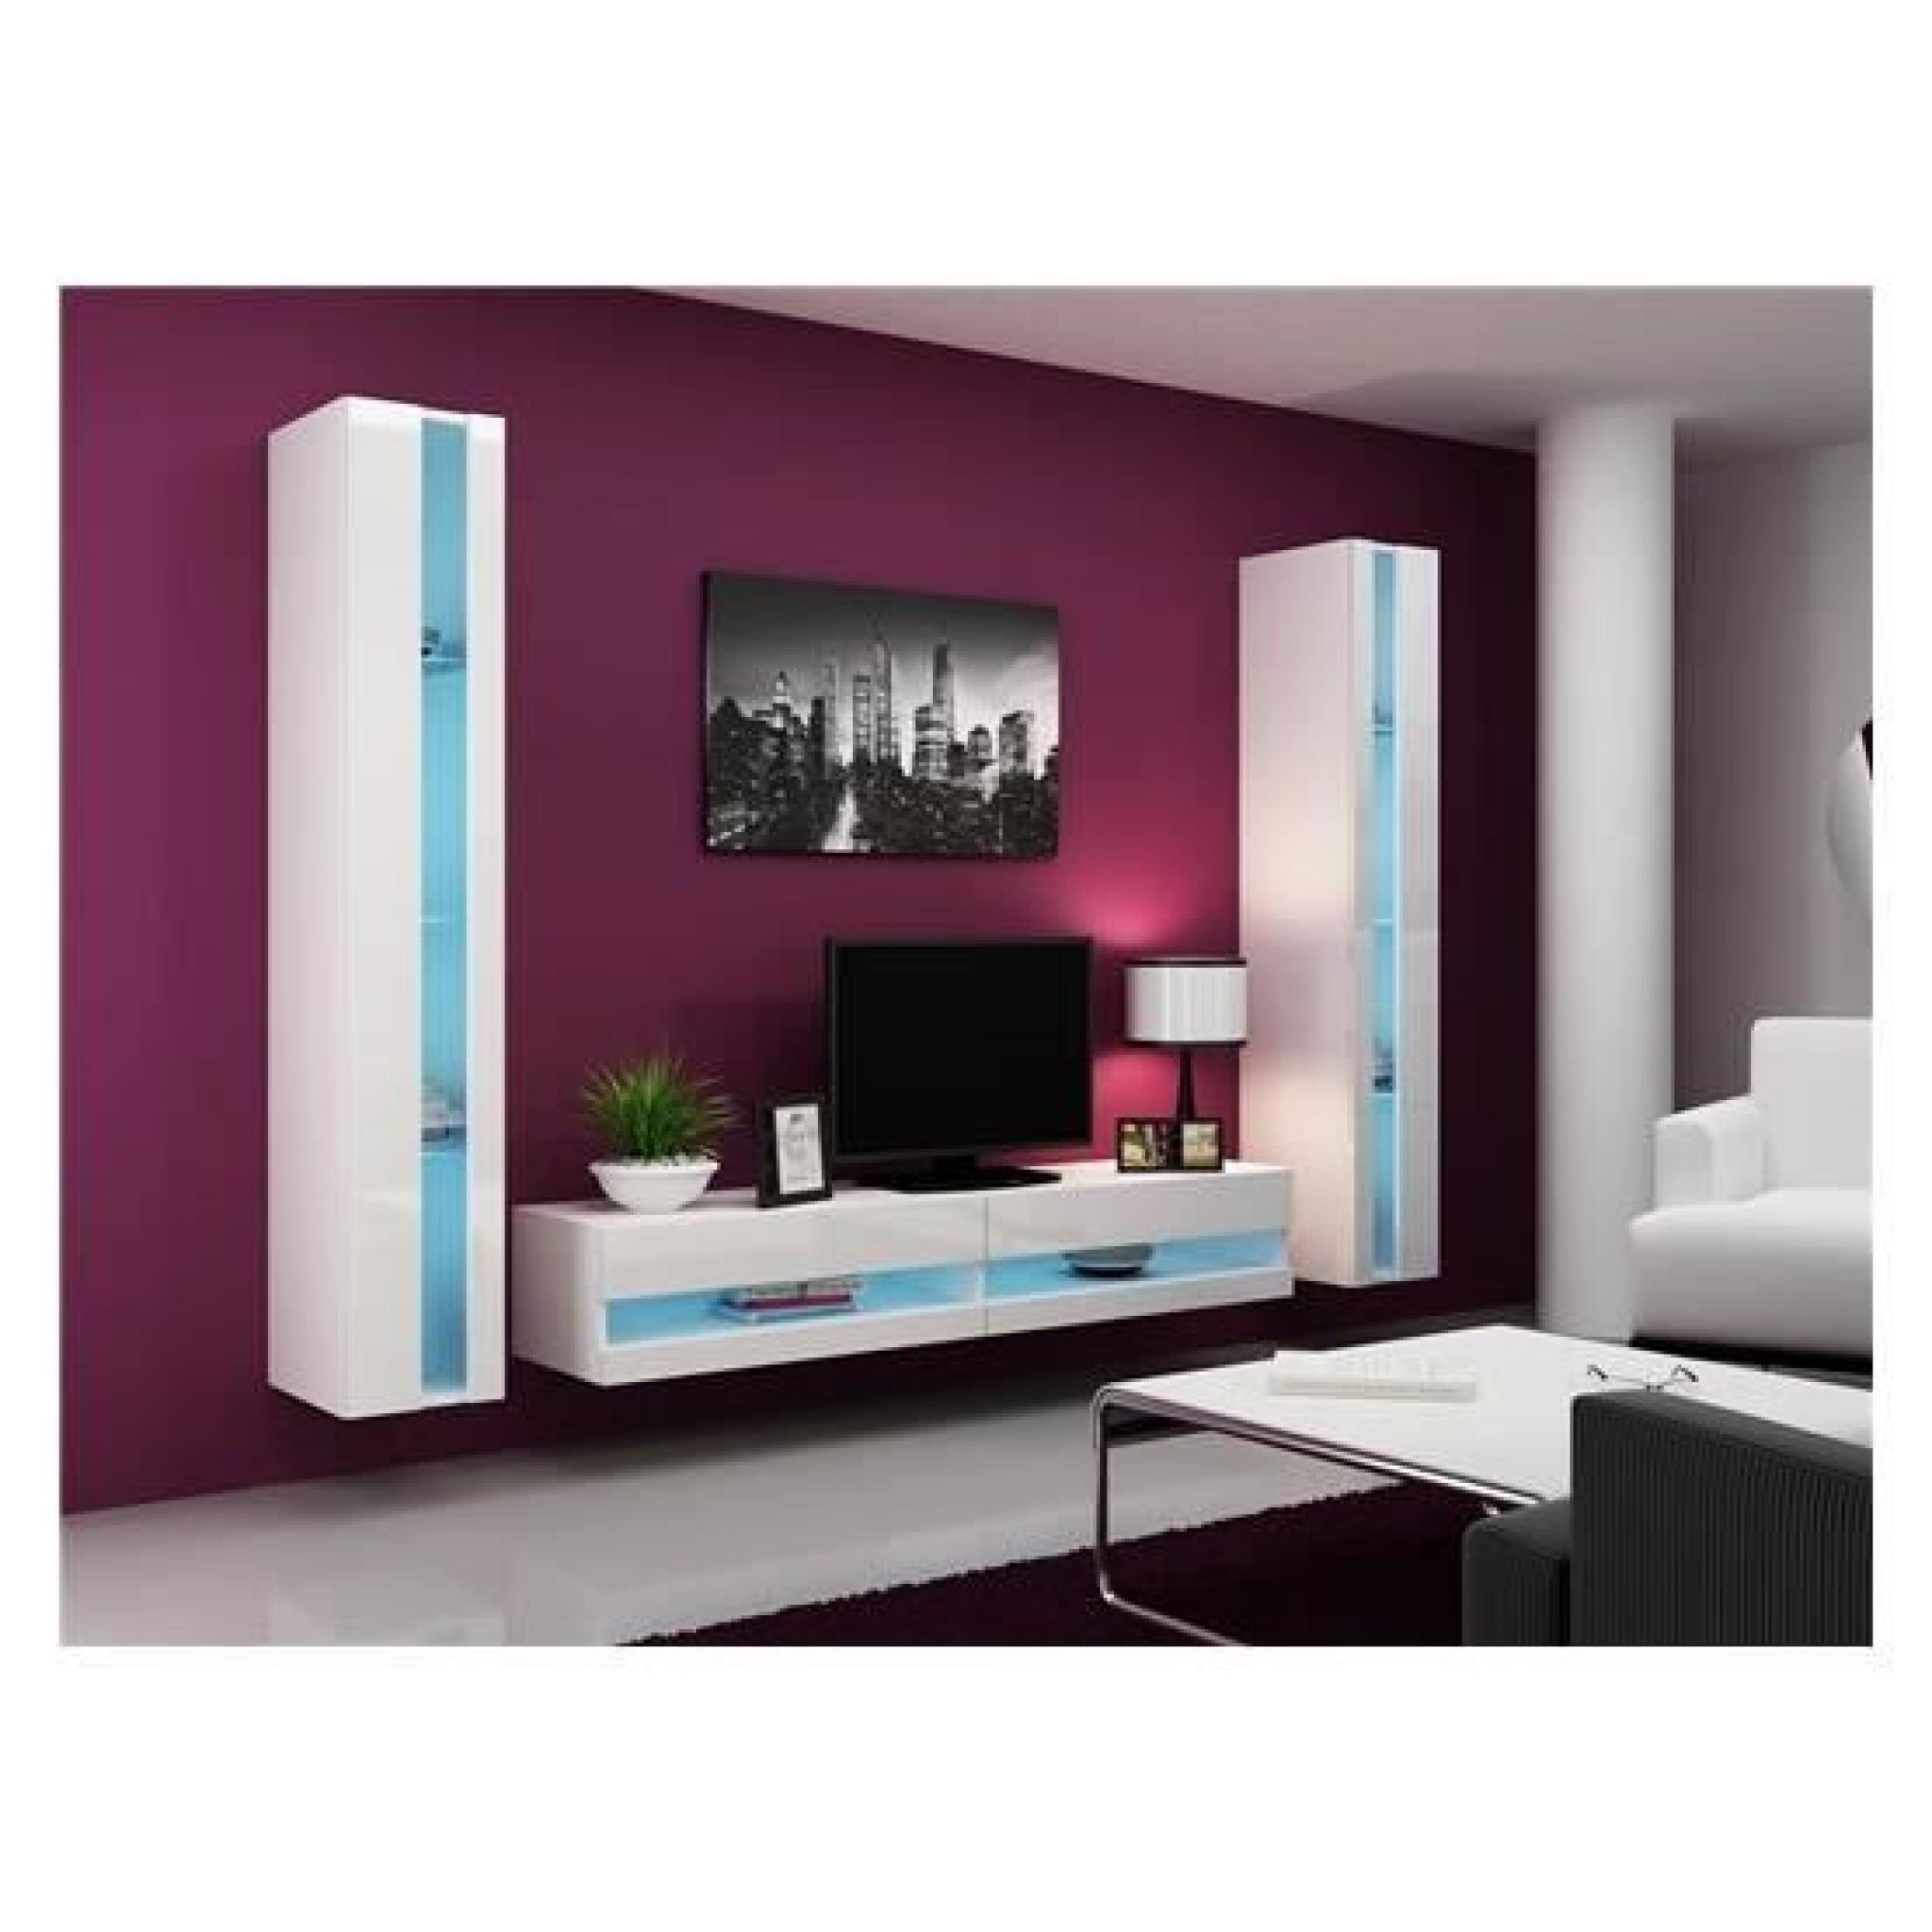 Impressionnant Mobilier Tv Design D Coration Fran Aise  # Meuble Tv A Vendre